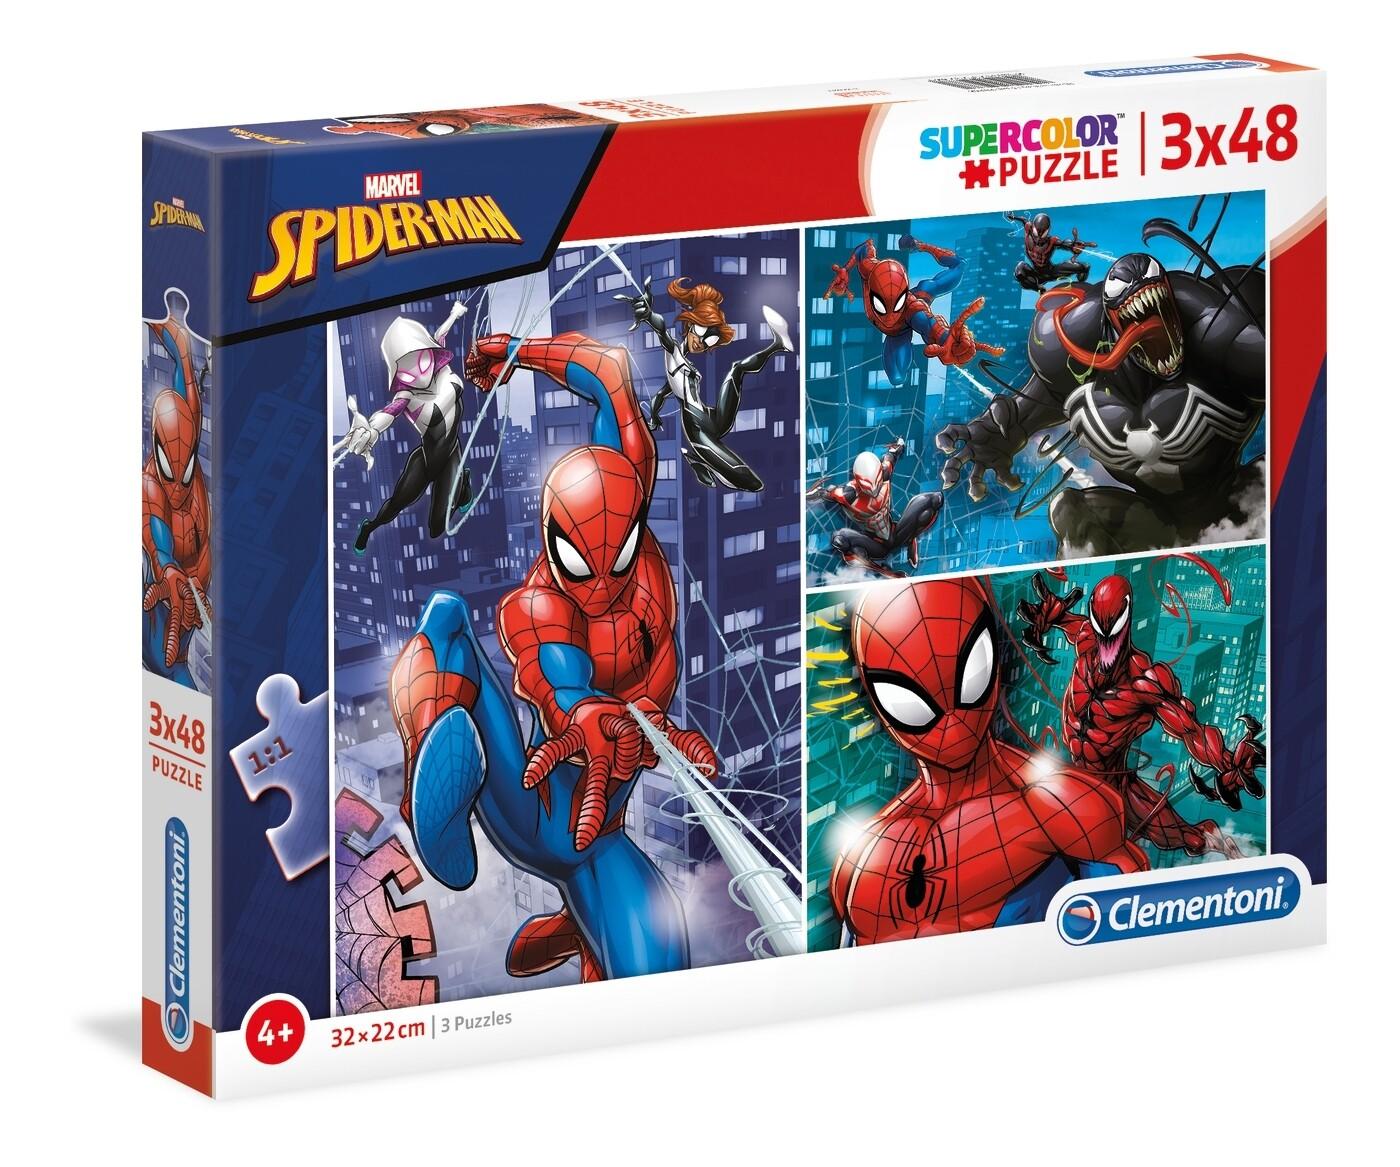 PUZZLE Spiderman 3x48pcs - CLEMENTONI